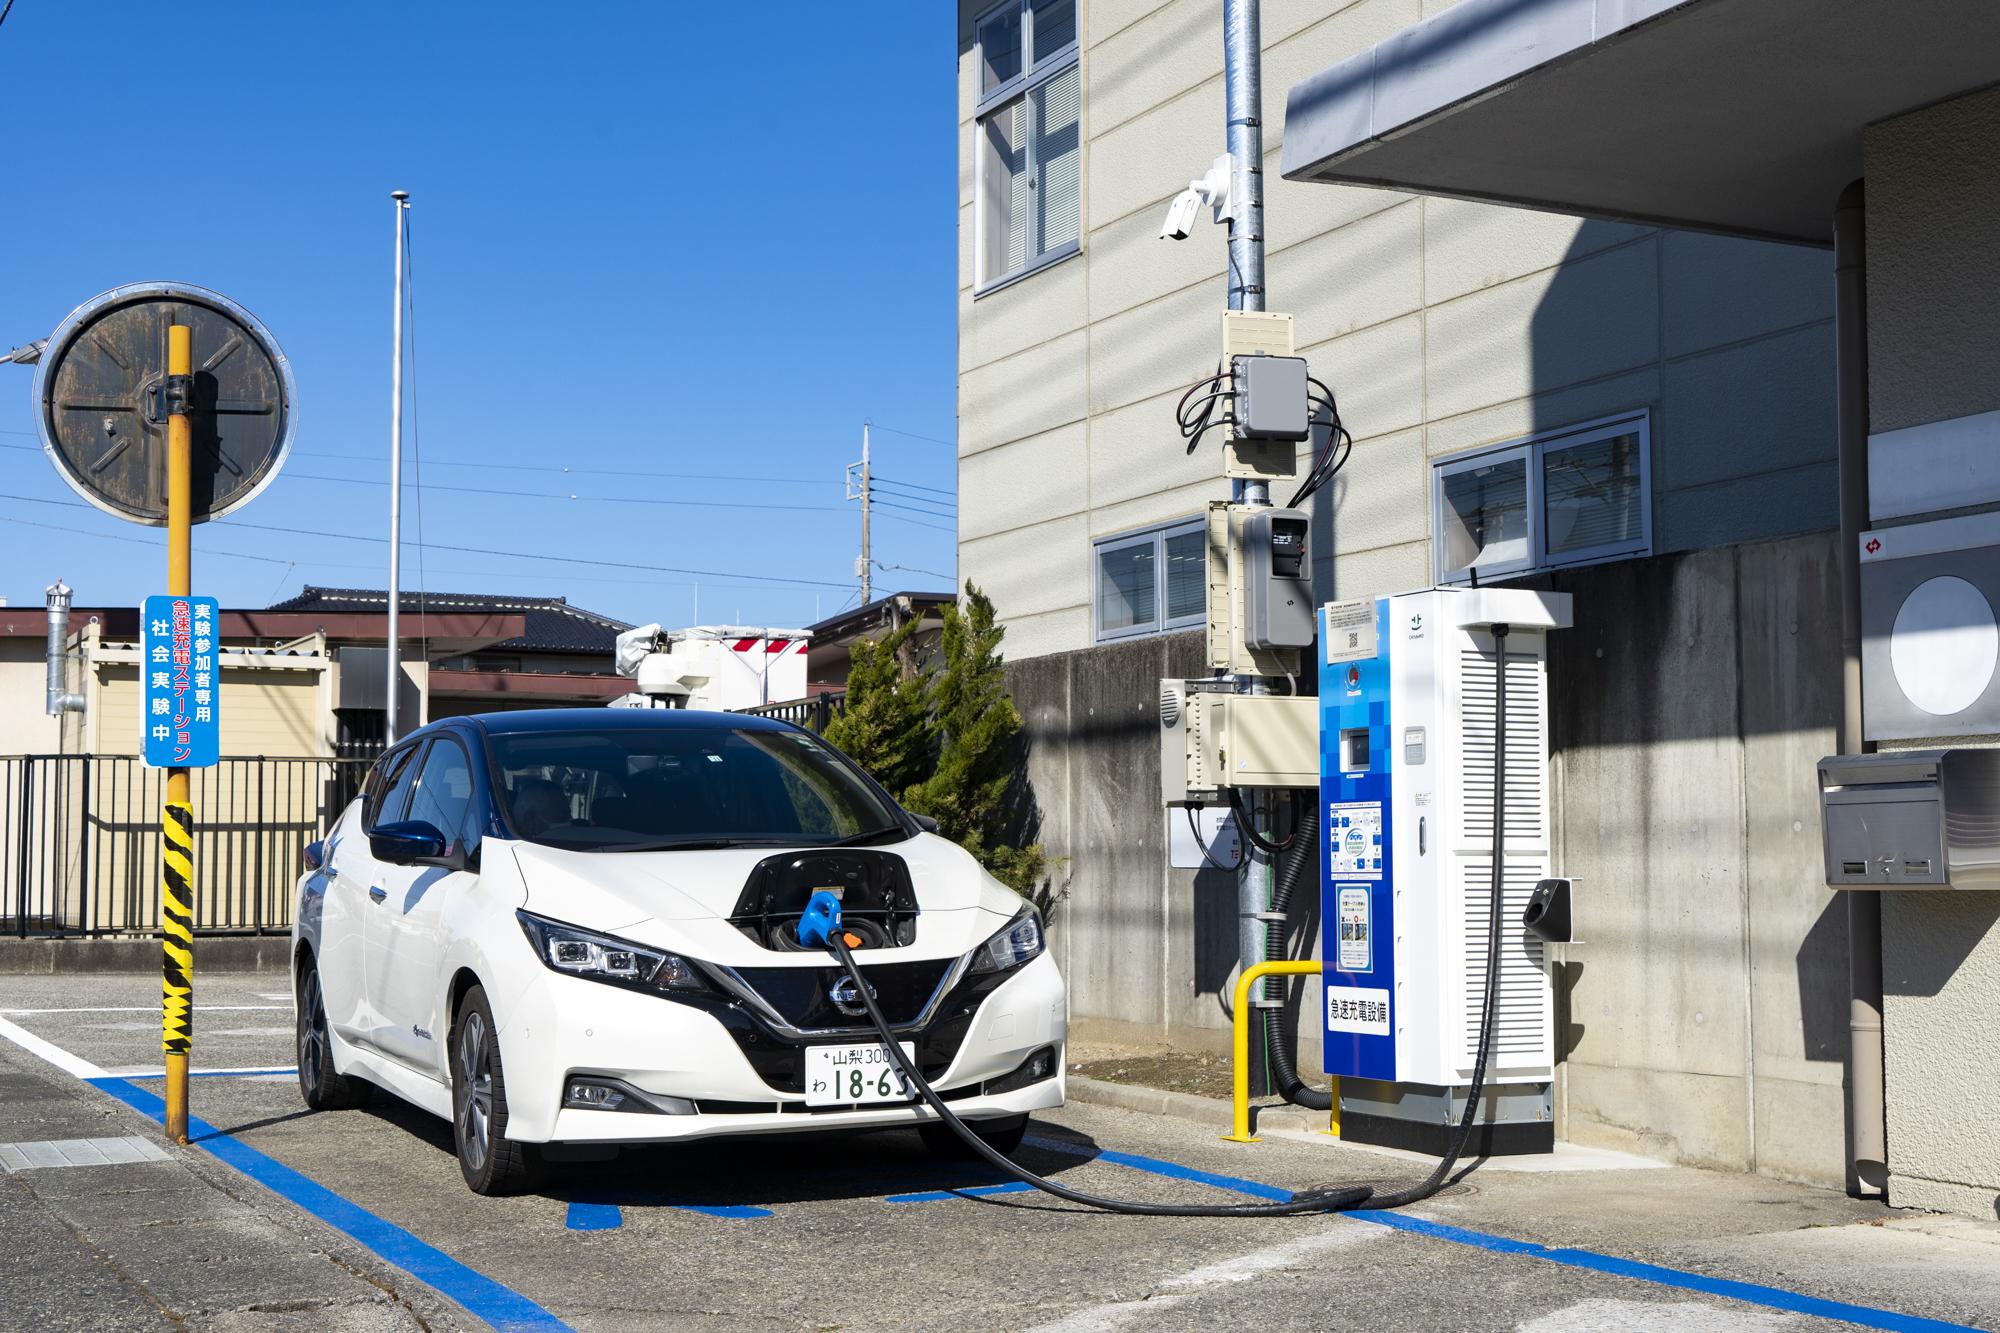 2020年11月~2021年2月の間、市内の企業・団体で共同利用できる急速充電ステーションが設置された